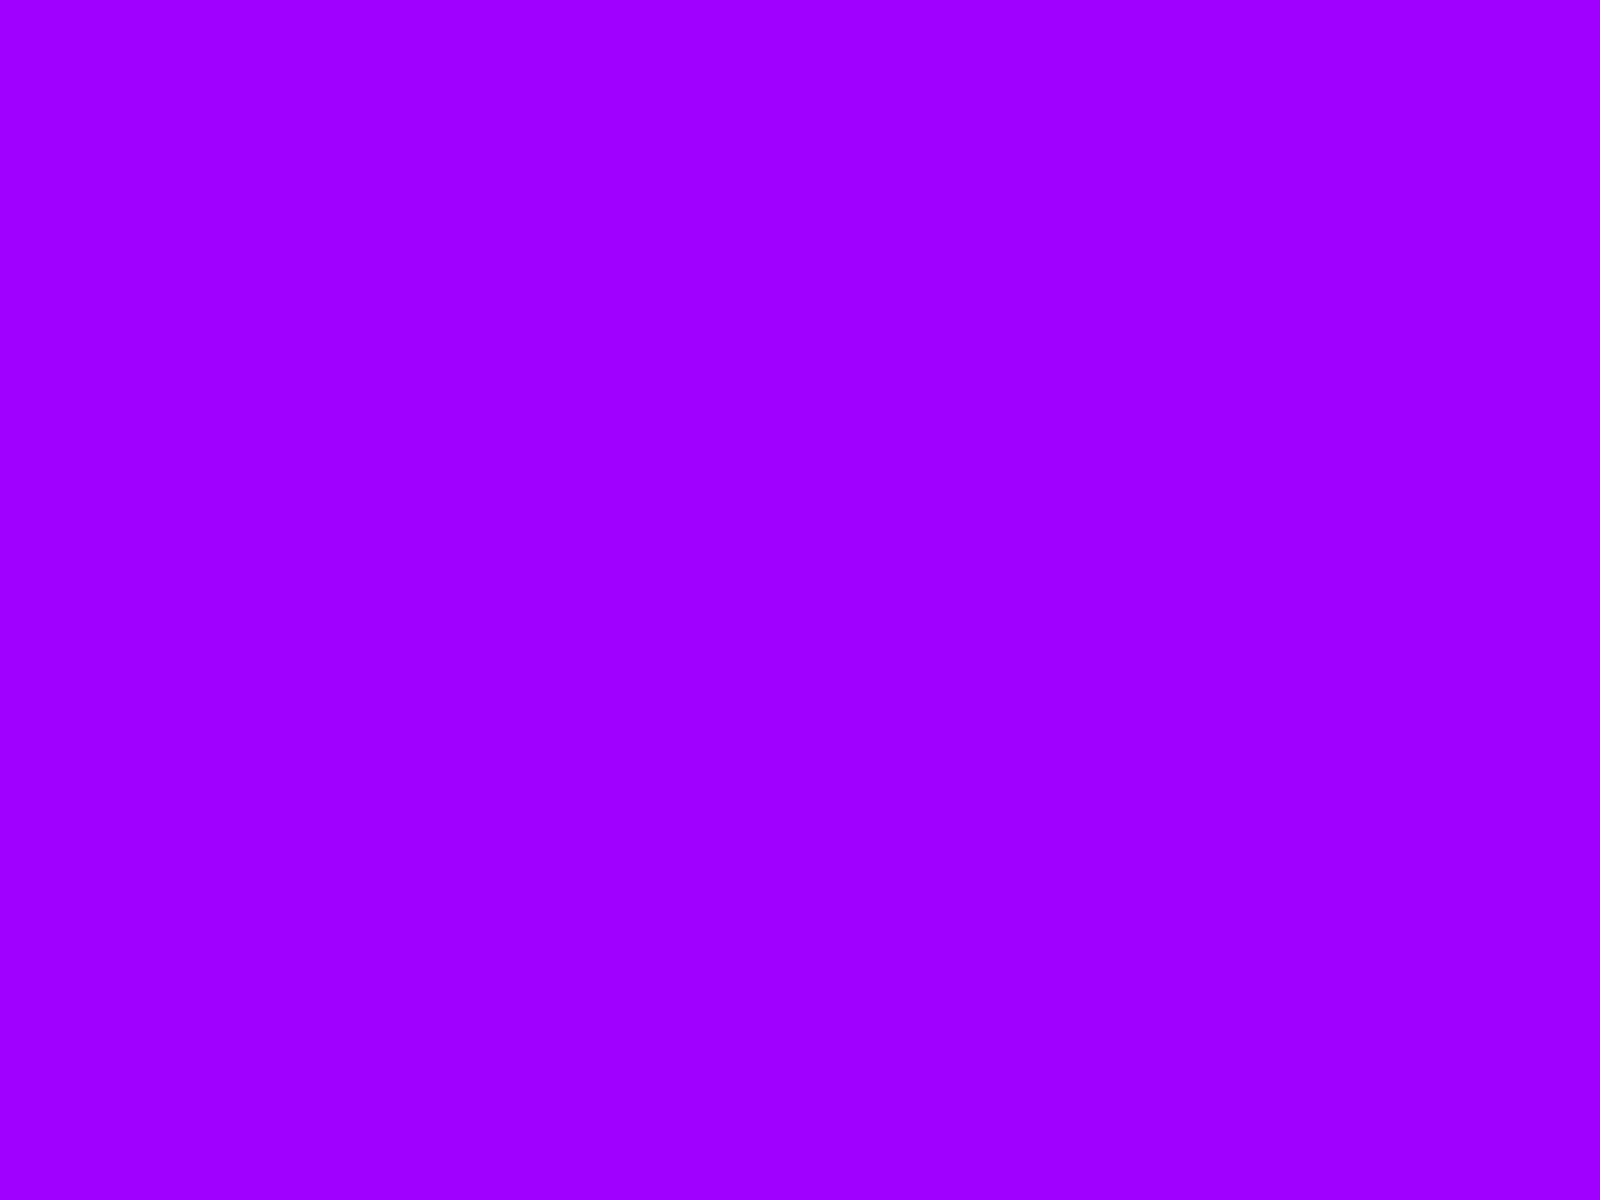 1600x1200 Vivid Violet Solid Color Background